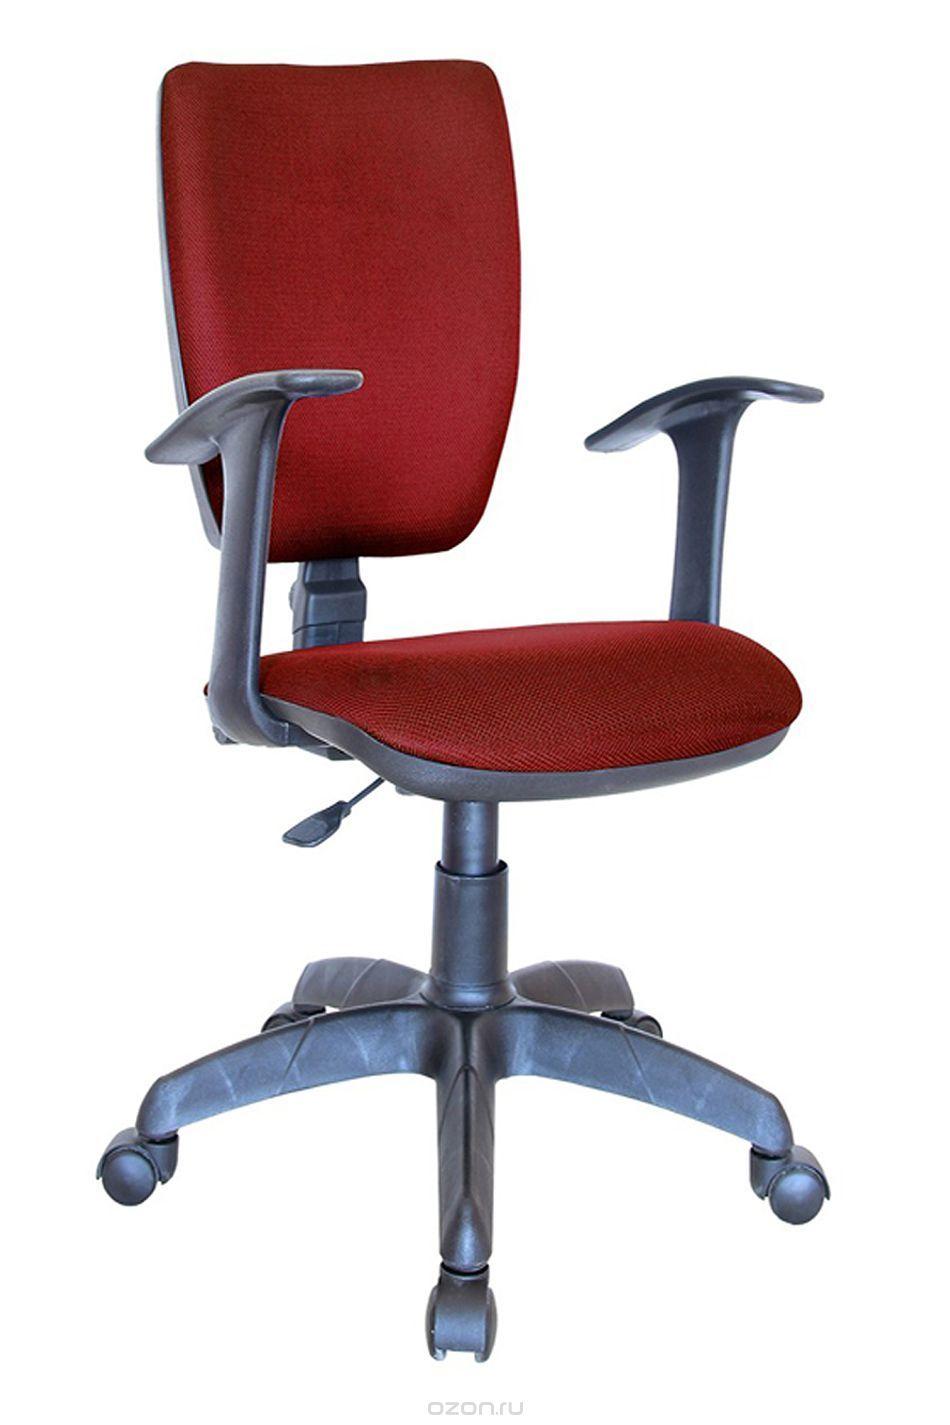 Компьютерное кресло Нота Т, ткань, бордо